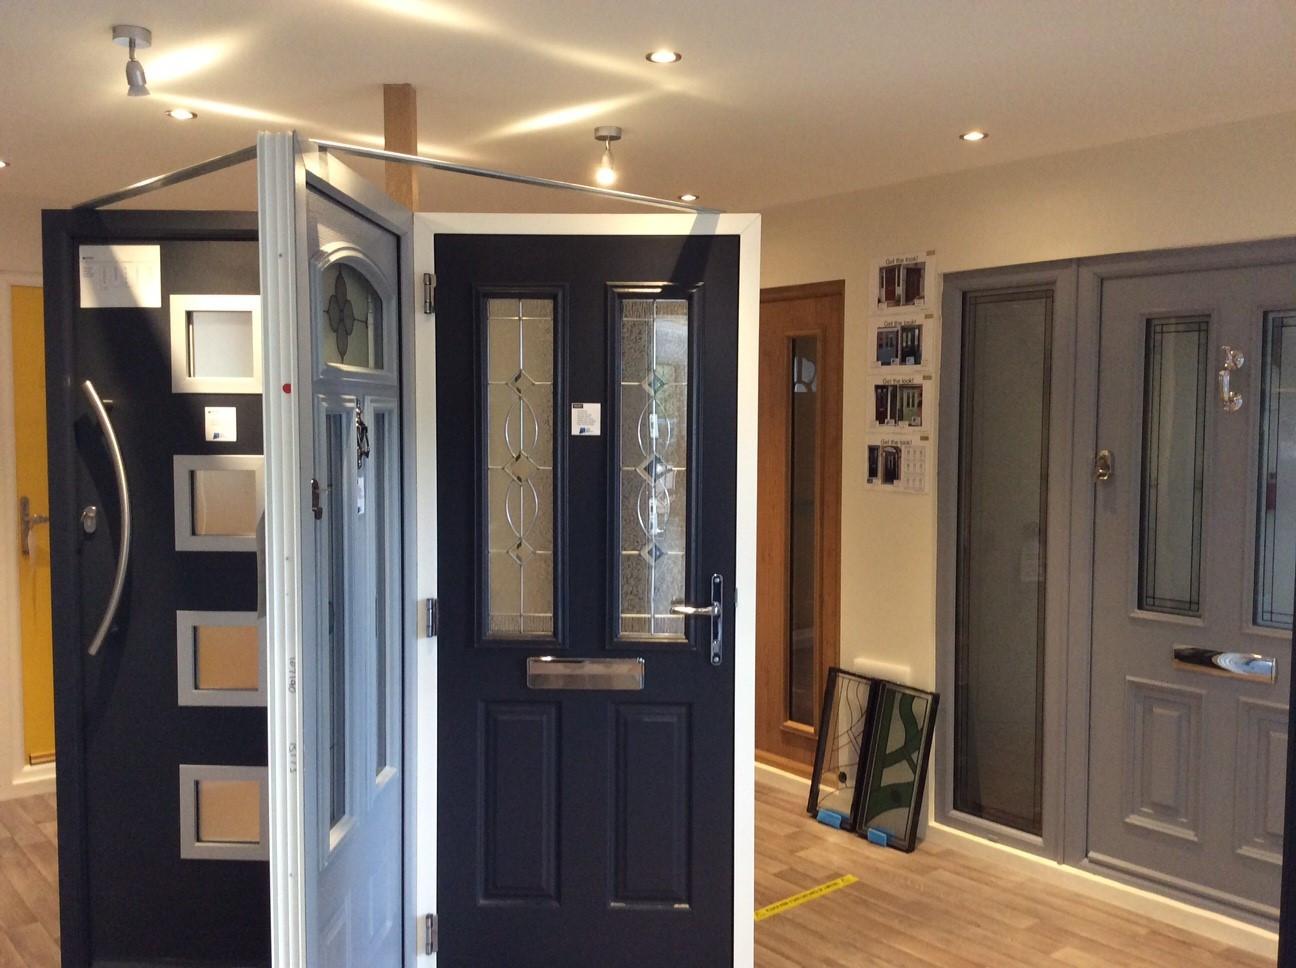 Door showroom area